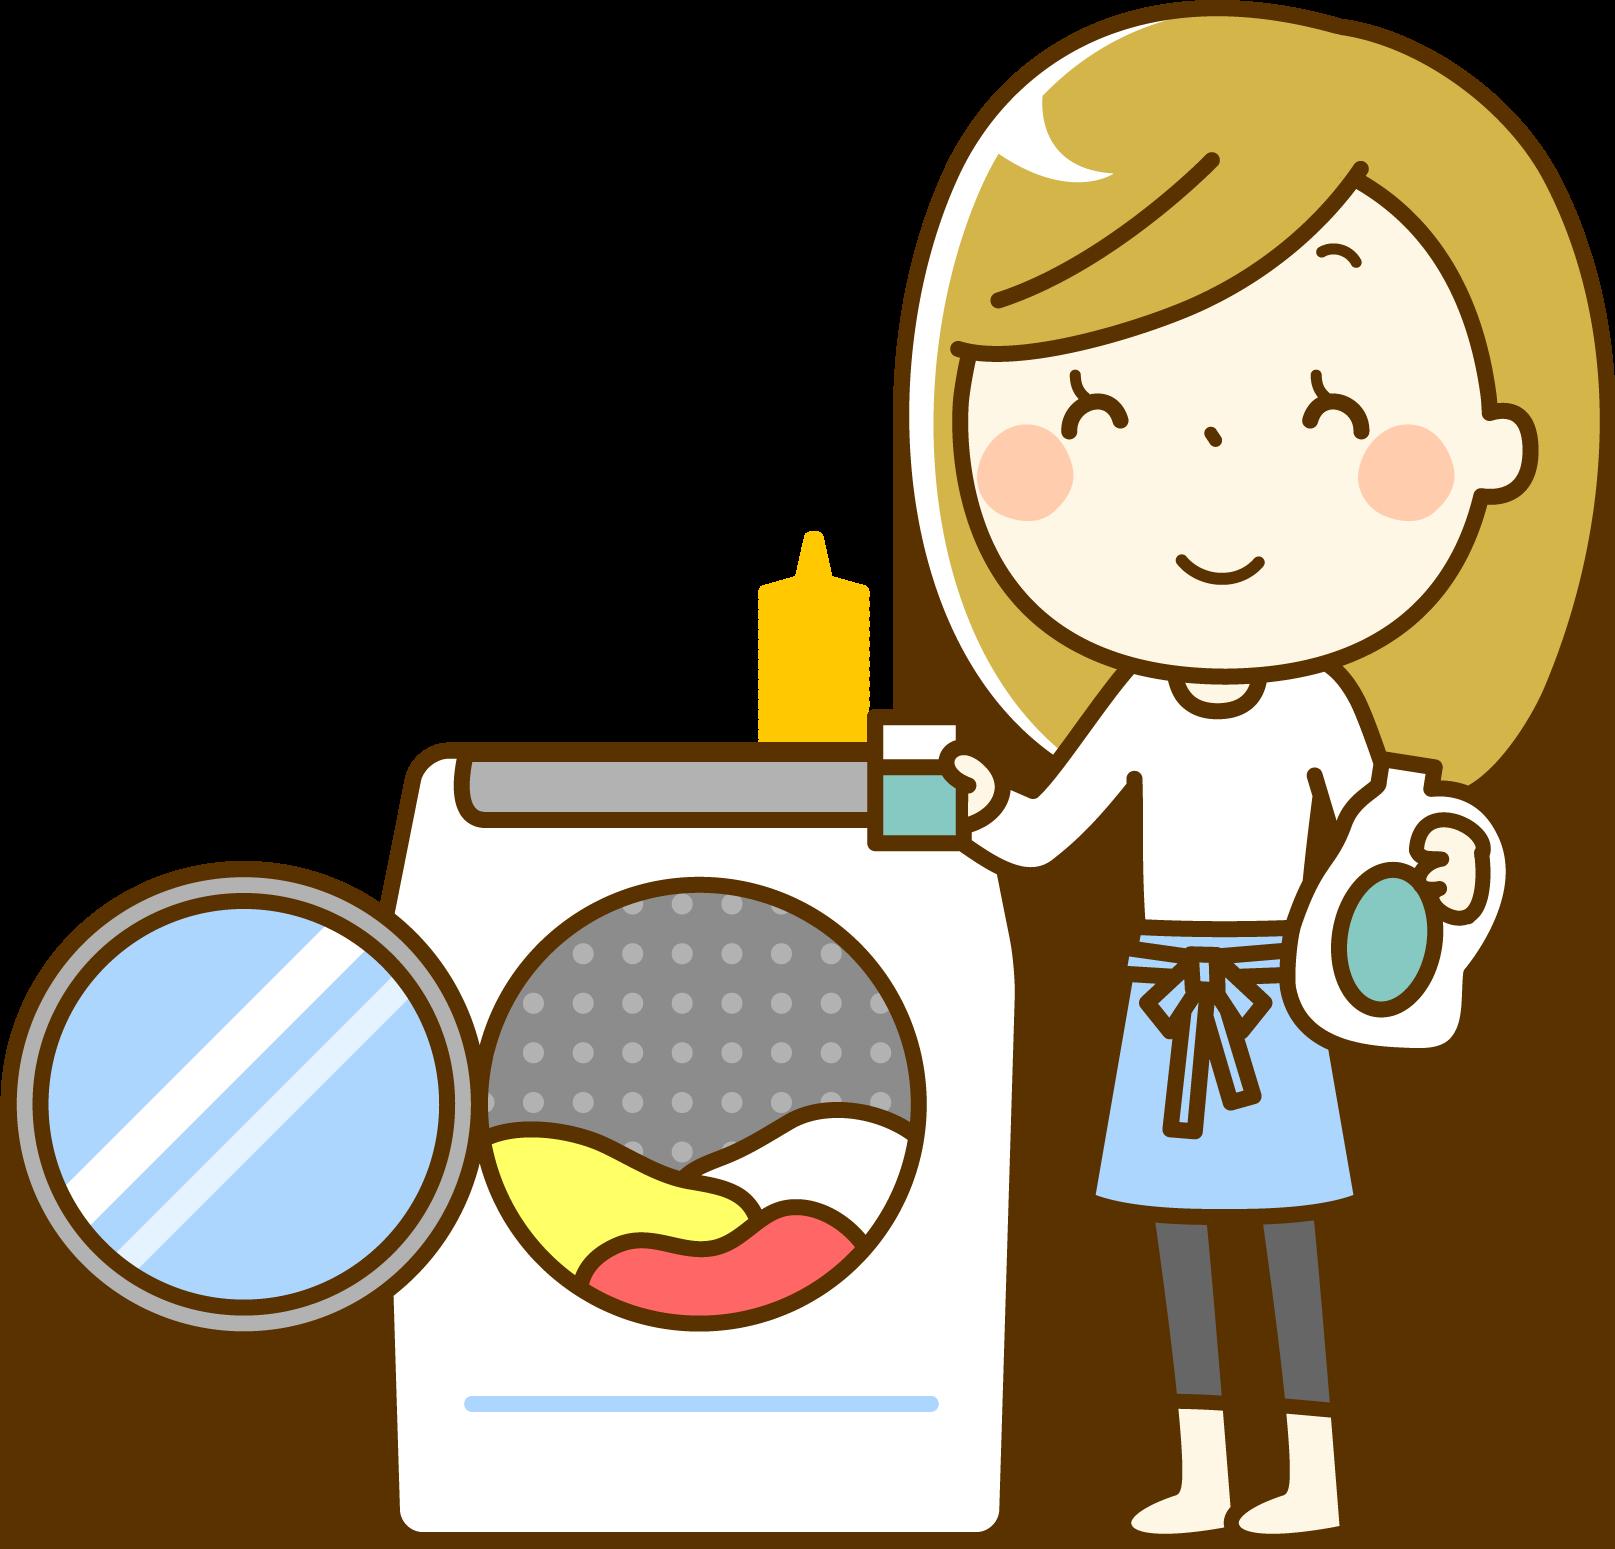 洗剤は、十分な希釈をしても皮膚バリアを傷害する